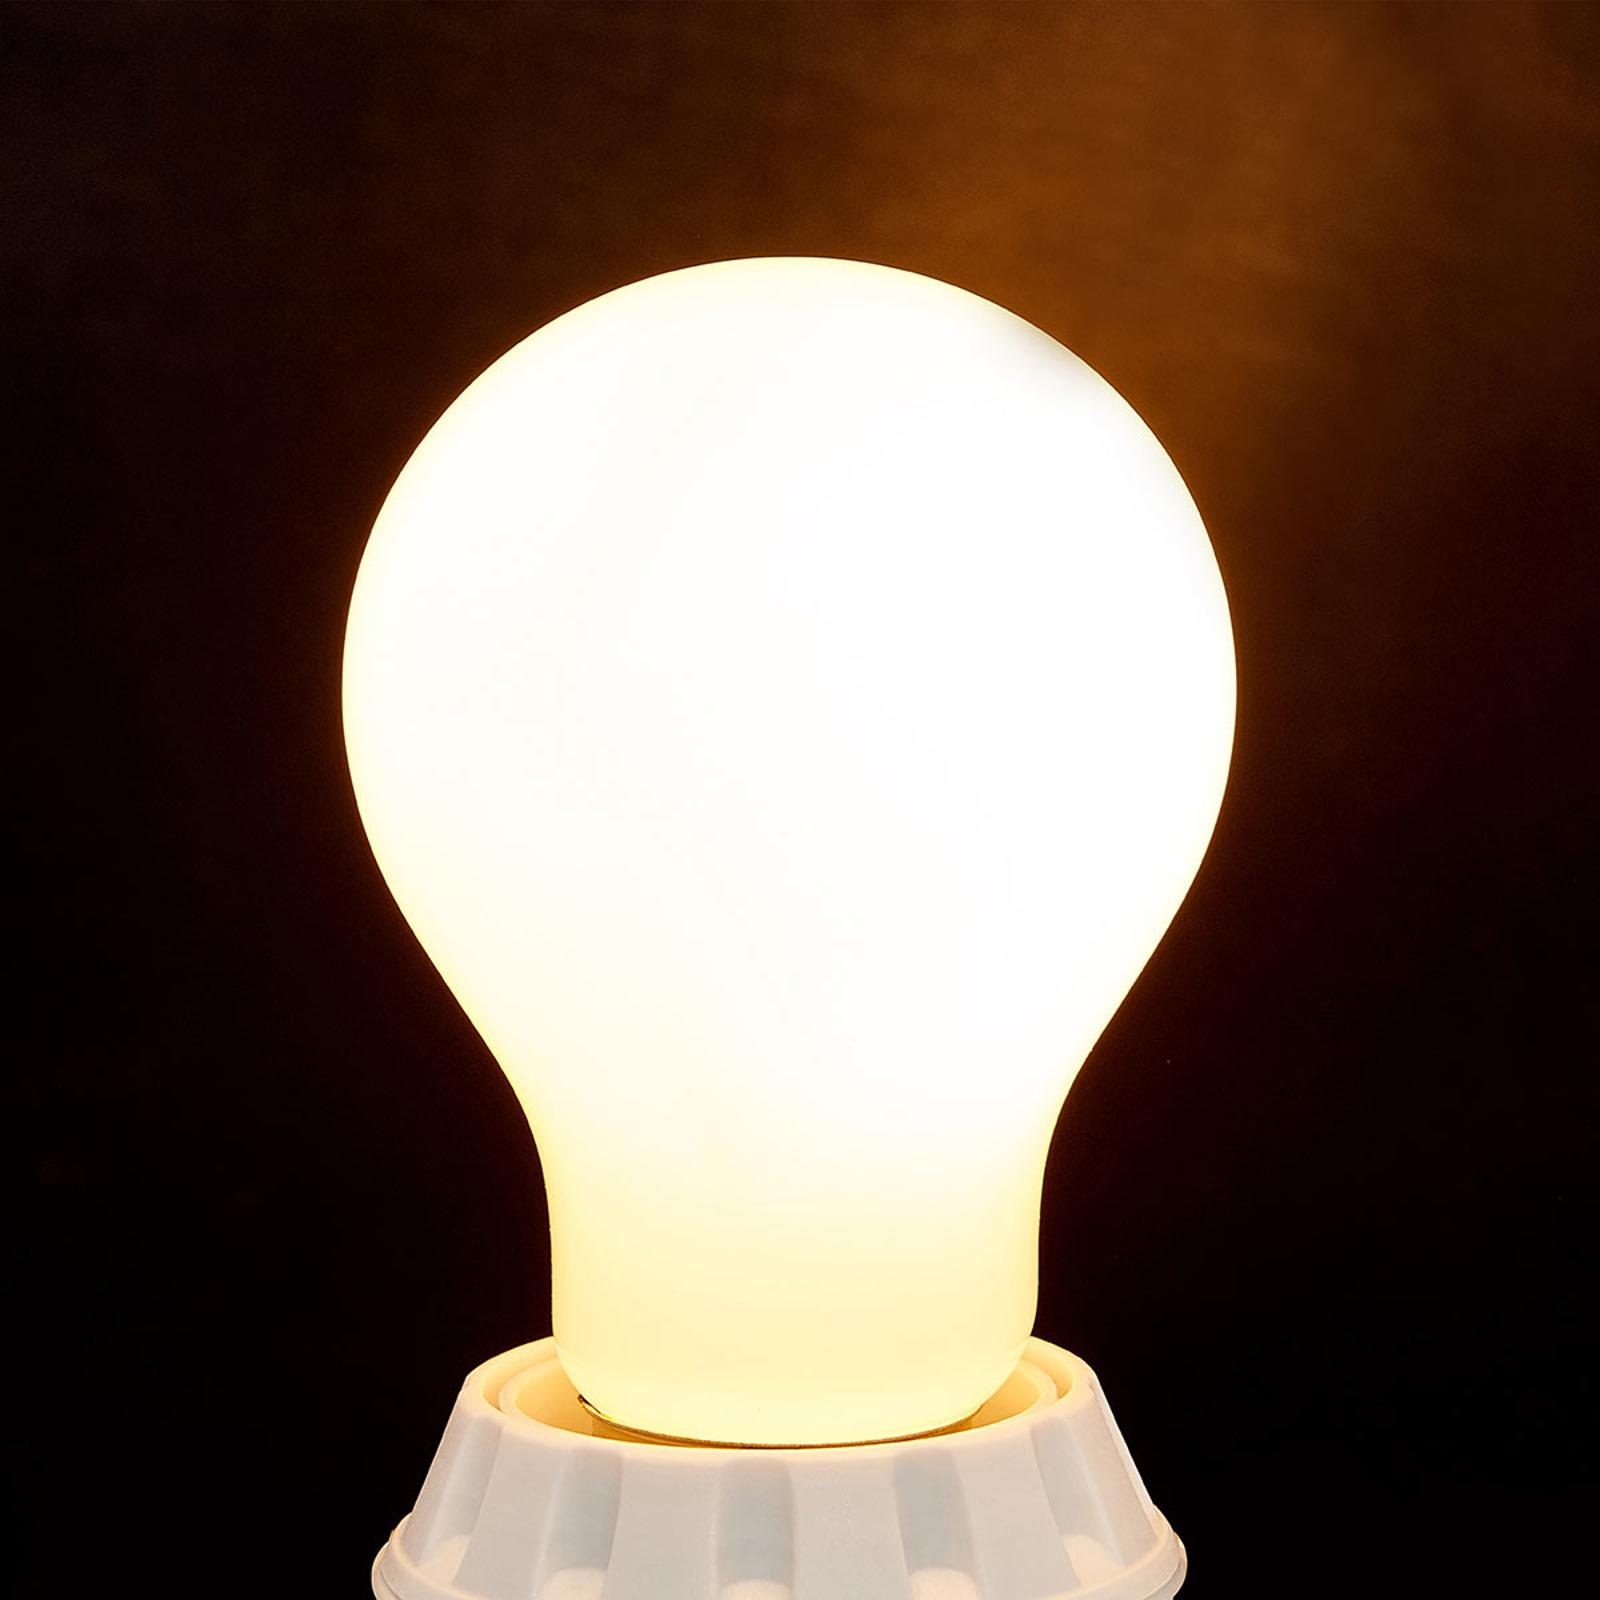 E27 ampoule LED 7W, 806lm, 2700K, opale